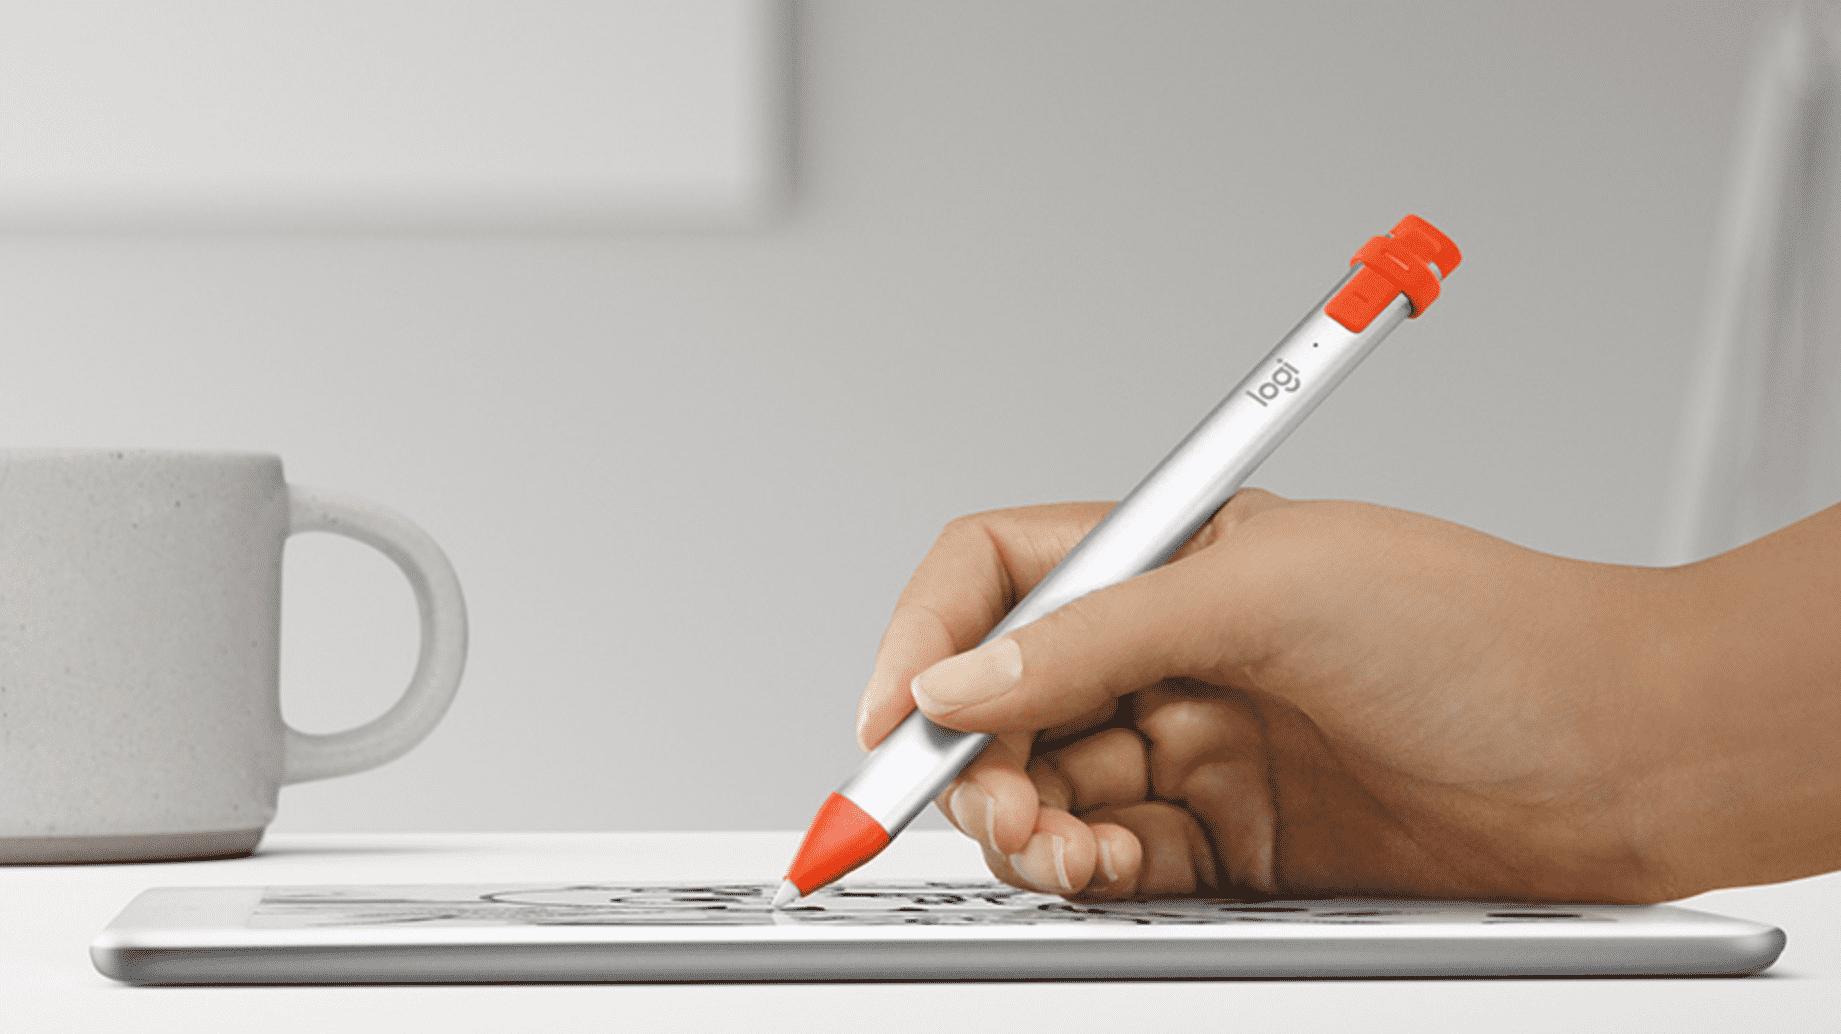 iPad Pro reicht Support für Pencil-Alternative Crayon nach